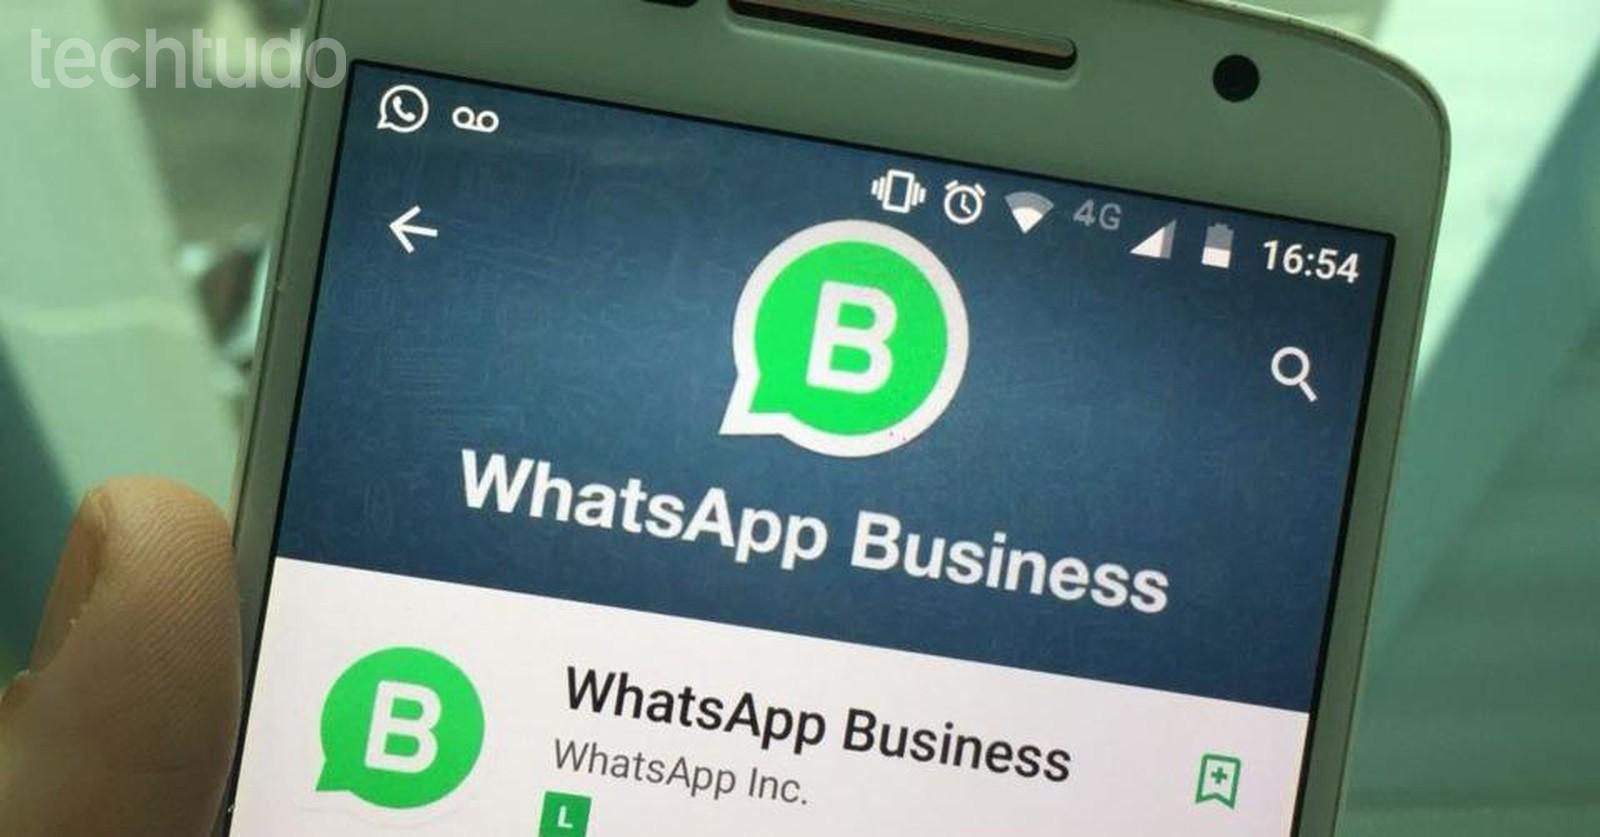 WhatsApp anuncia função de compras dentro do aplicativo